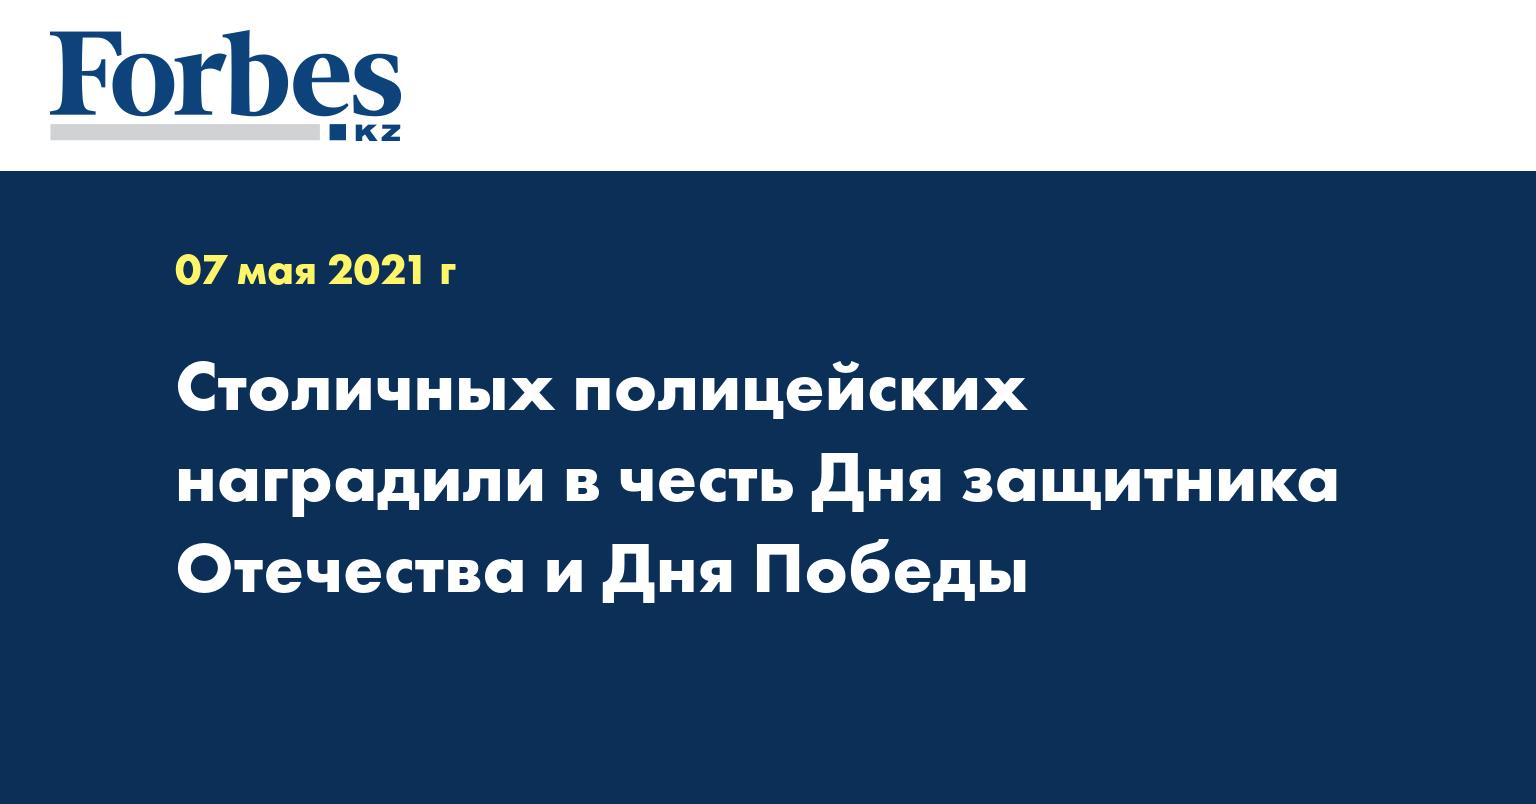 Столичных полицейских наградили в честь Дня защитника Отечества и Дня Победы